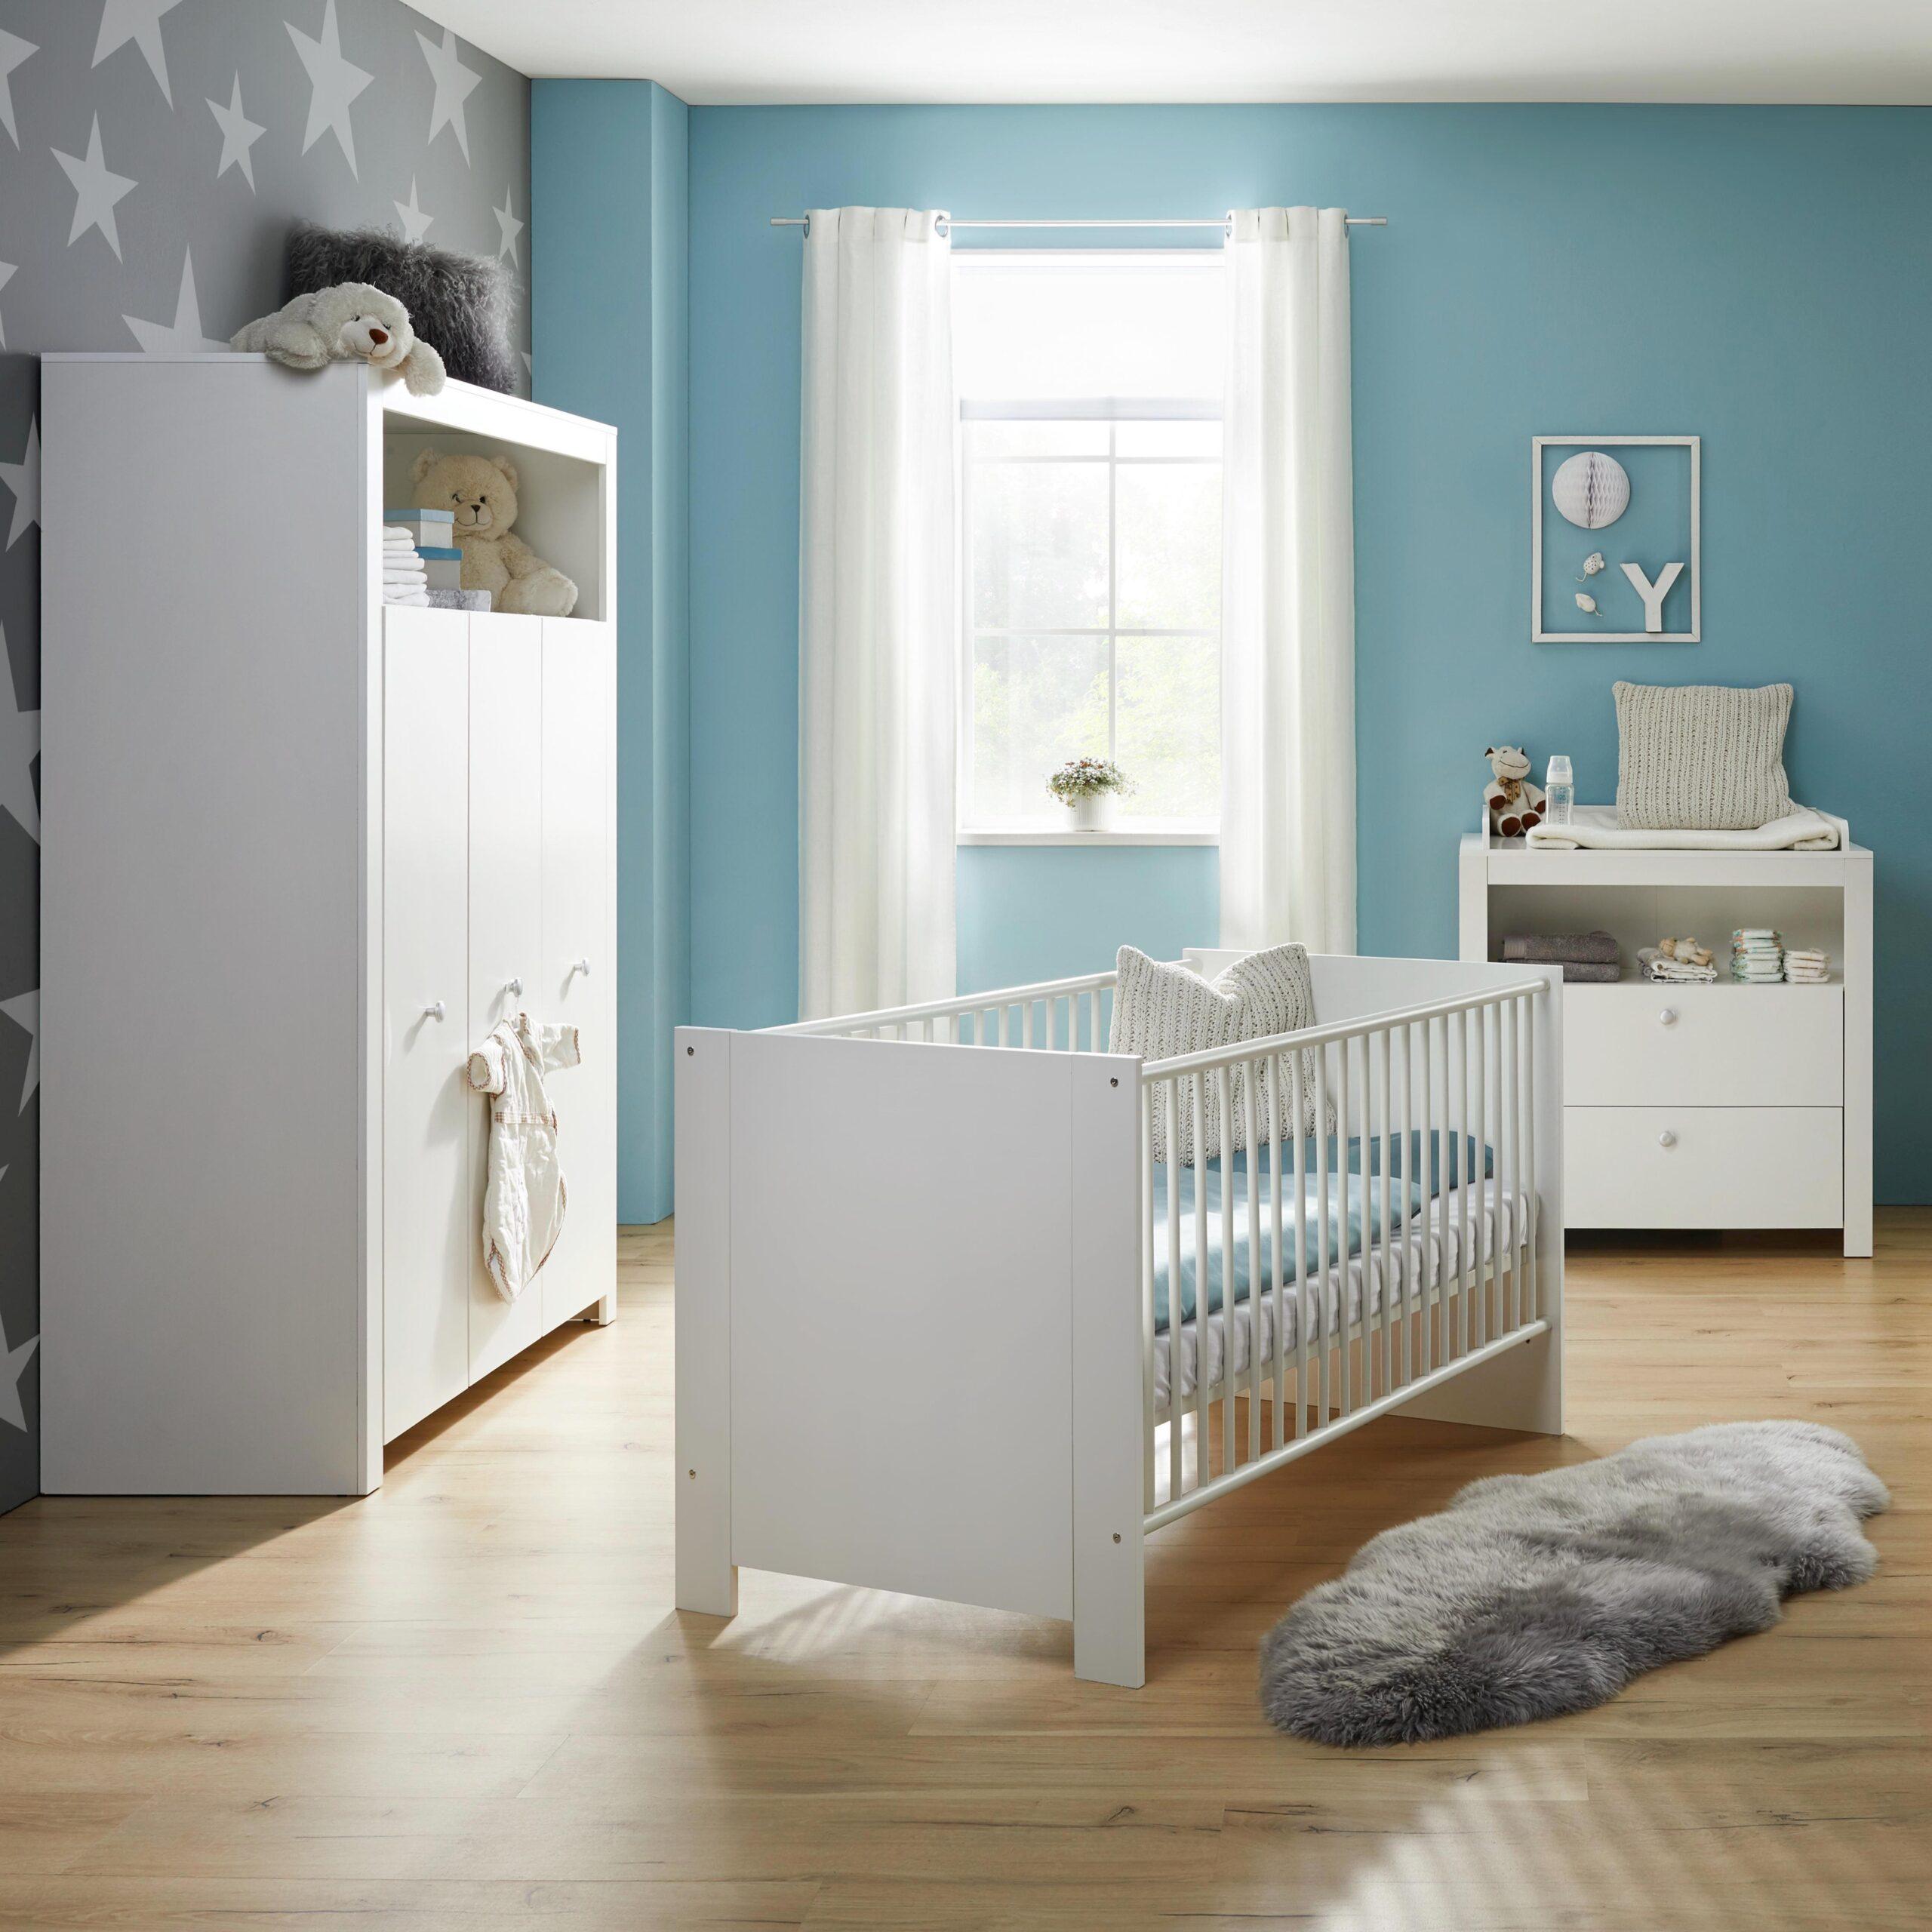 Full Size of Babyzimmersets Babyzimmer Produkte Mmax Breaking Bad Komplette Serie Schlafzimmer Komplett Weiß Küche Regal Wohnzimmer Komplettküche Komplettset Massivholz Kinderzimmer Baby Kinderzimmer Komplett